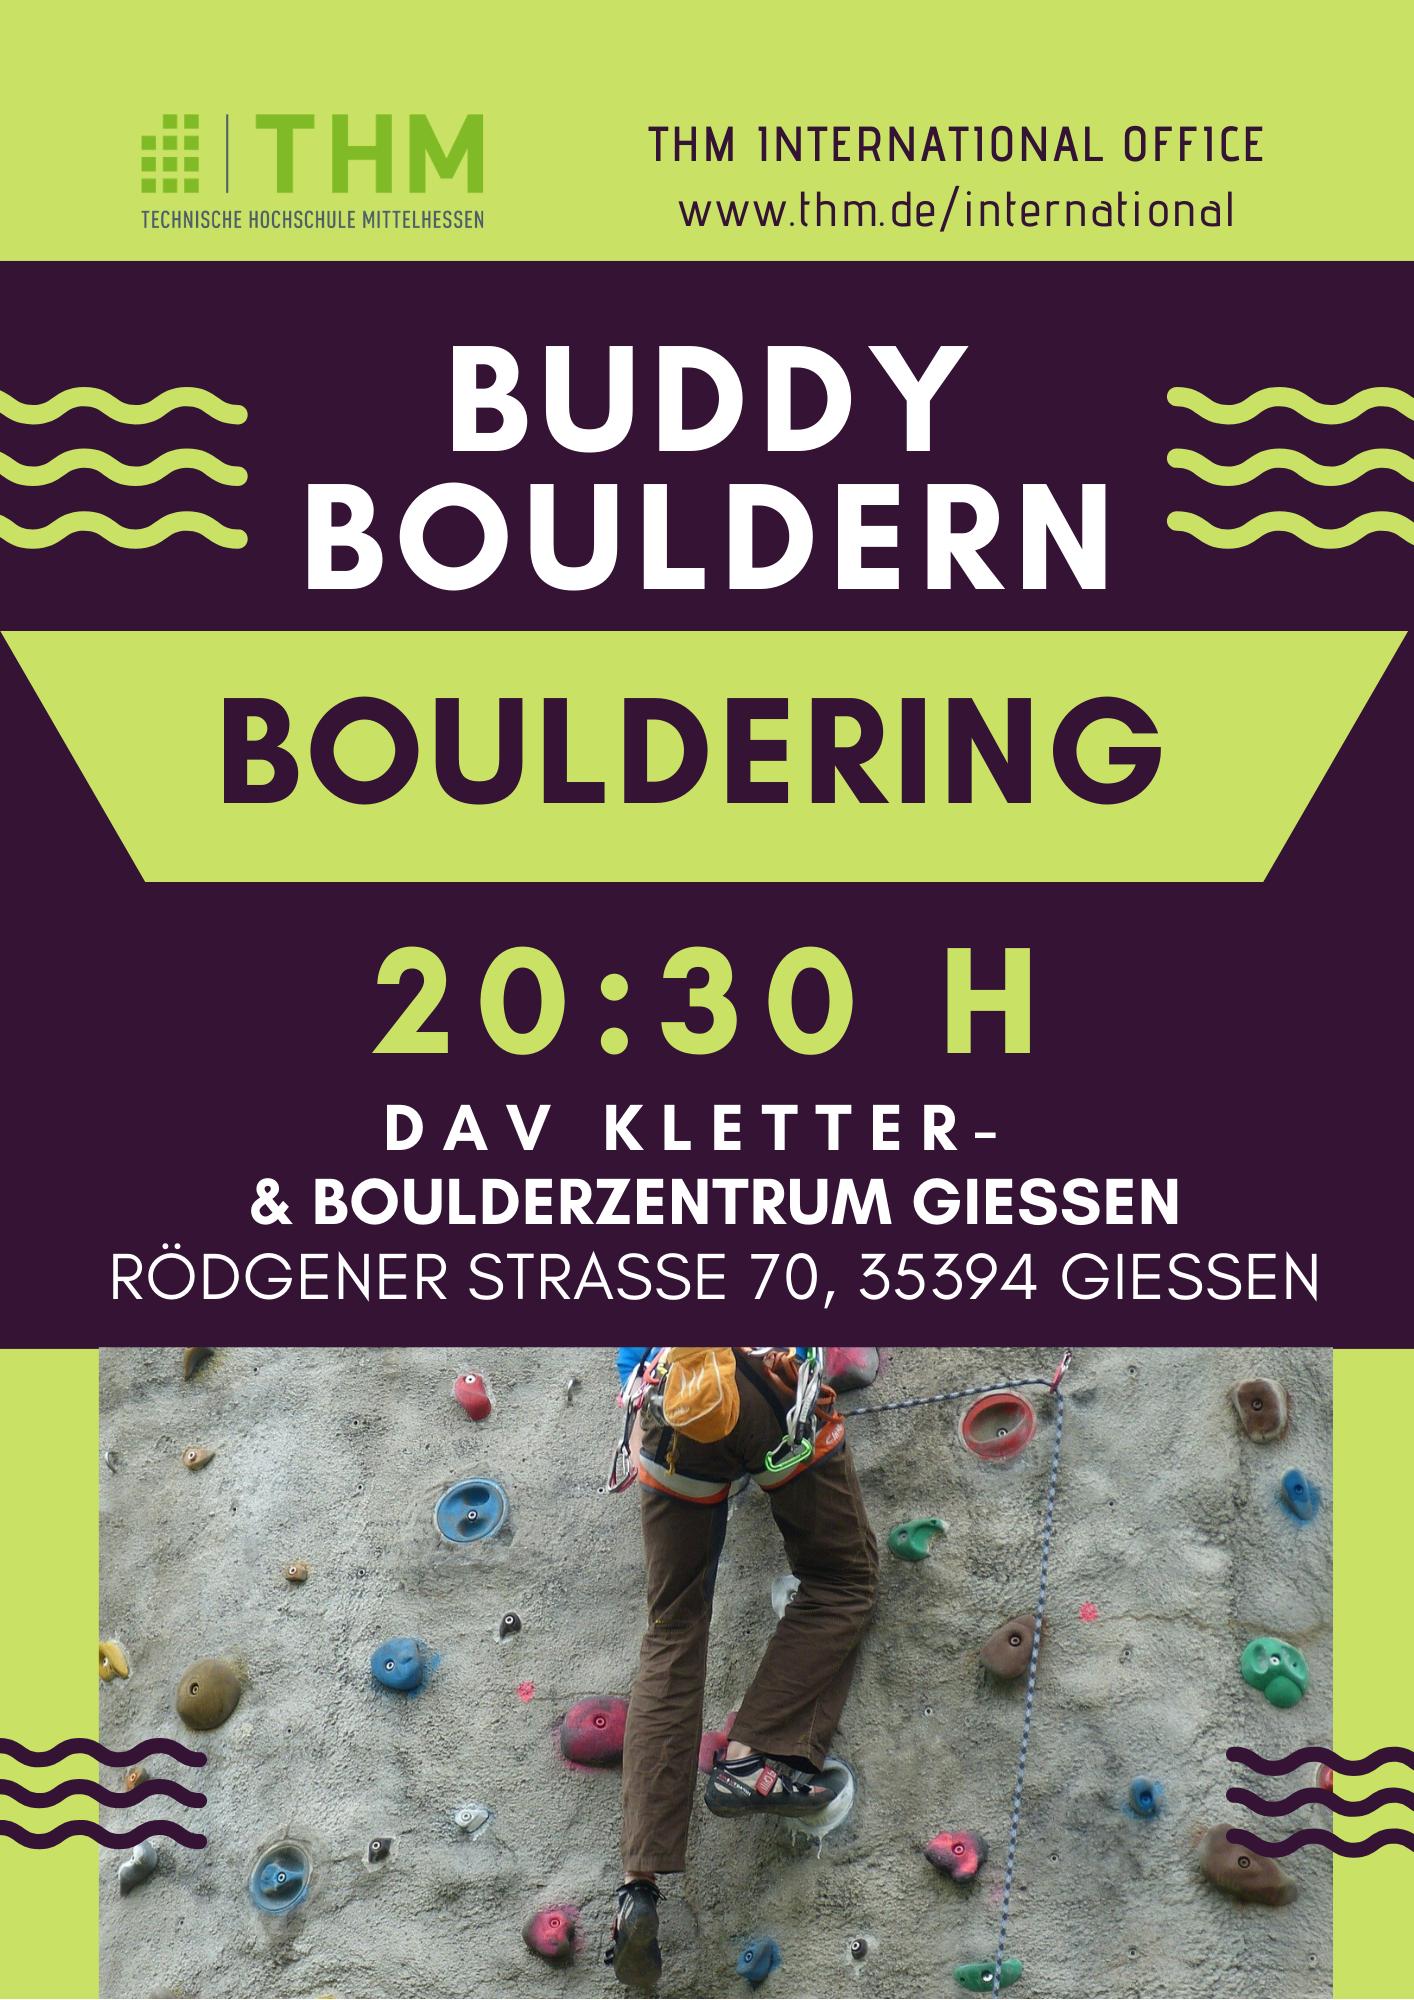 buddy Bouldern